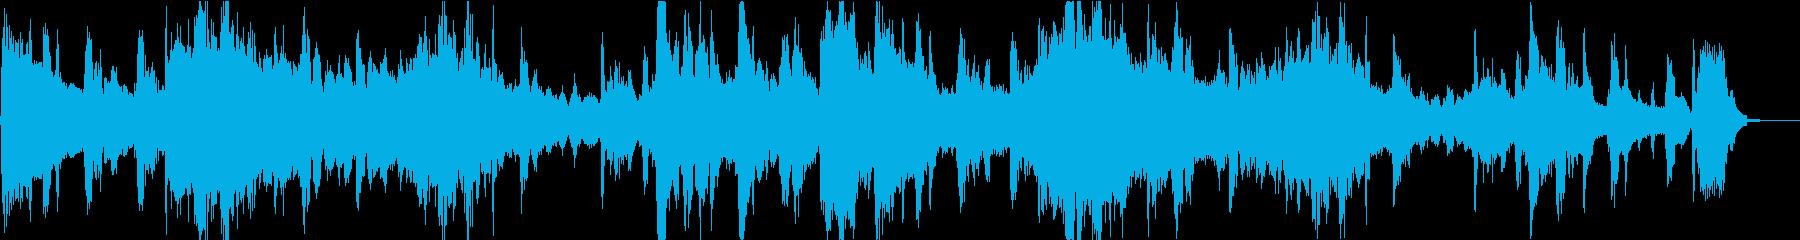 暖かい雰囲気な23秒の楽曲の再生済みの波形